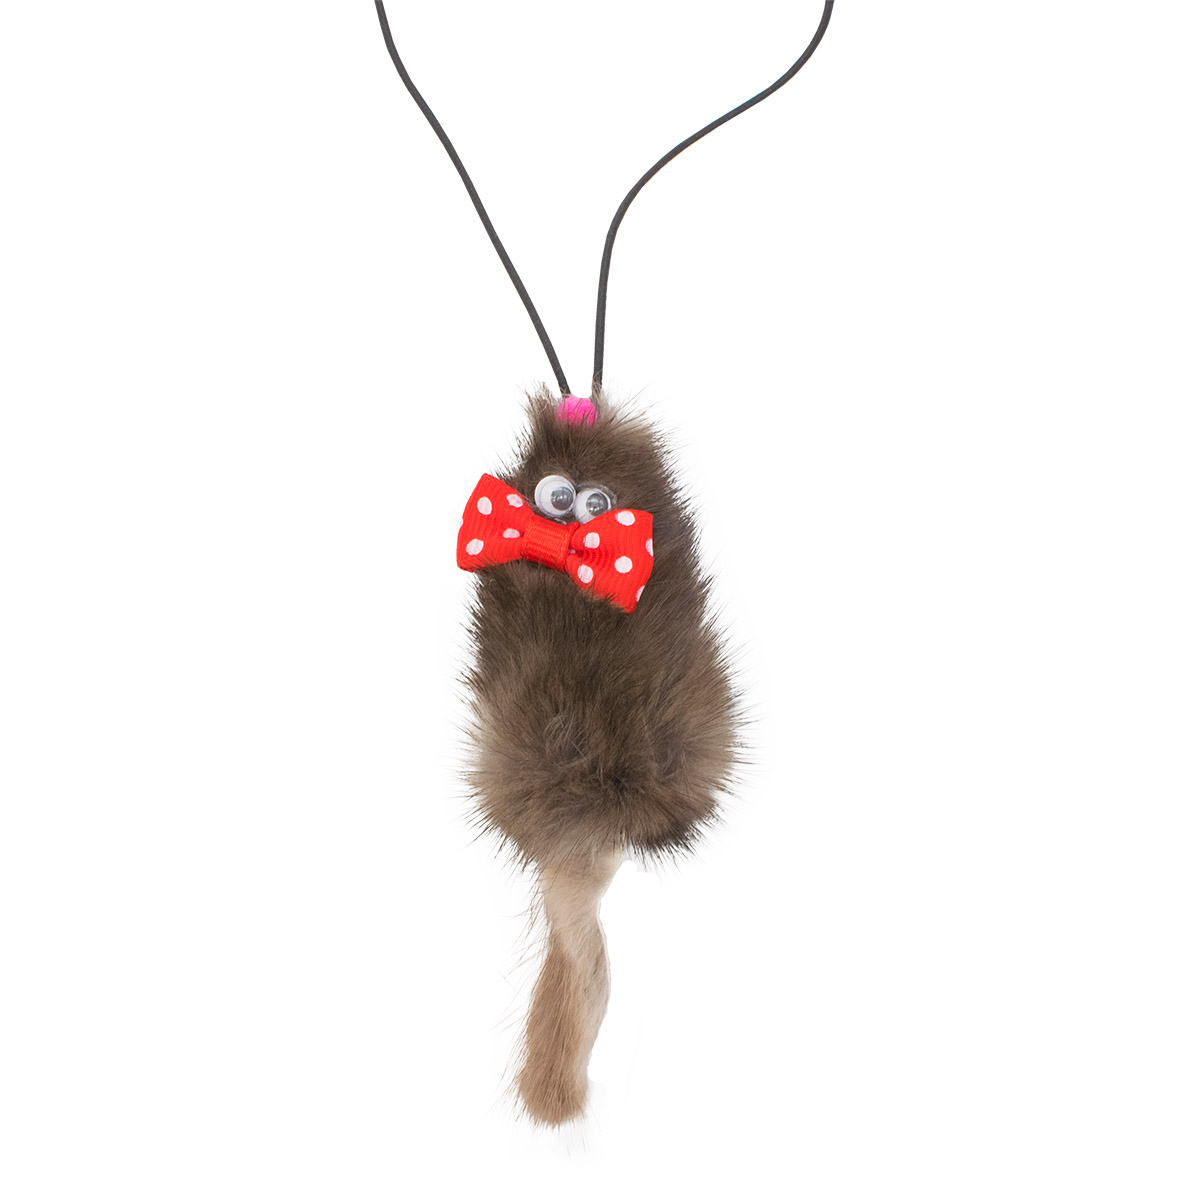 yk-01018 Подвеска на автозеркало из натуральной норки Мышка с бантиком Микки